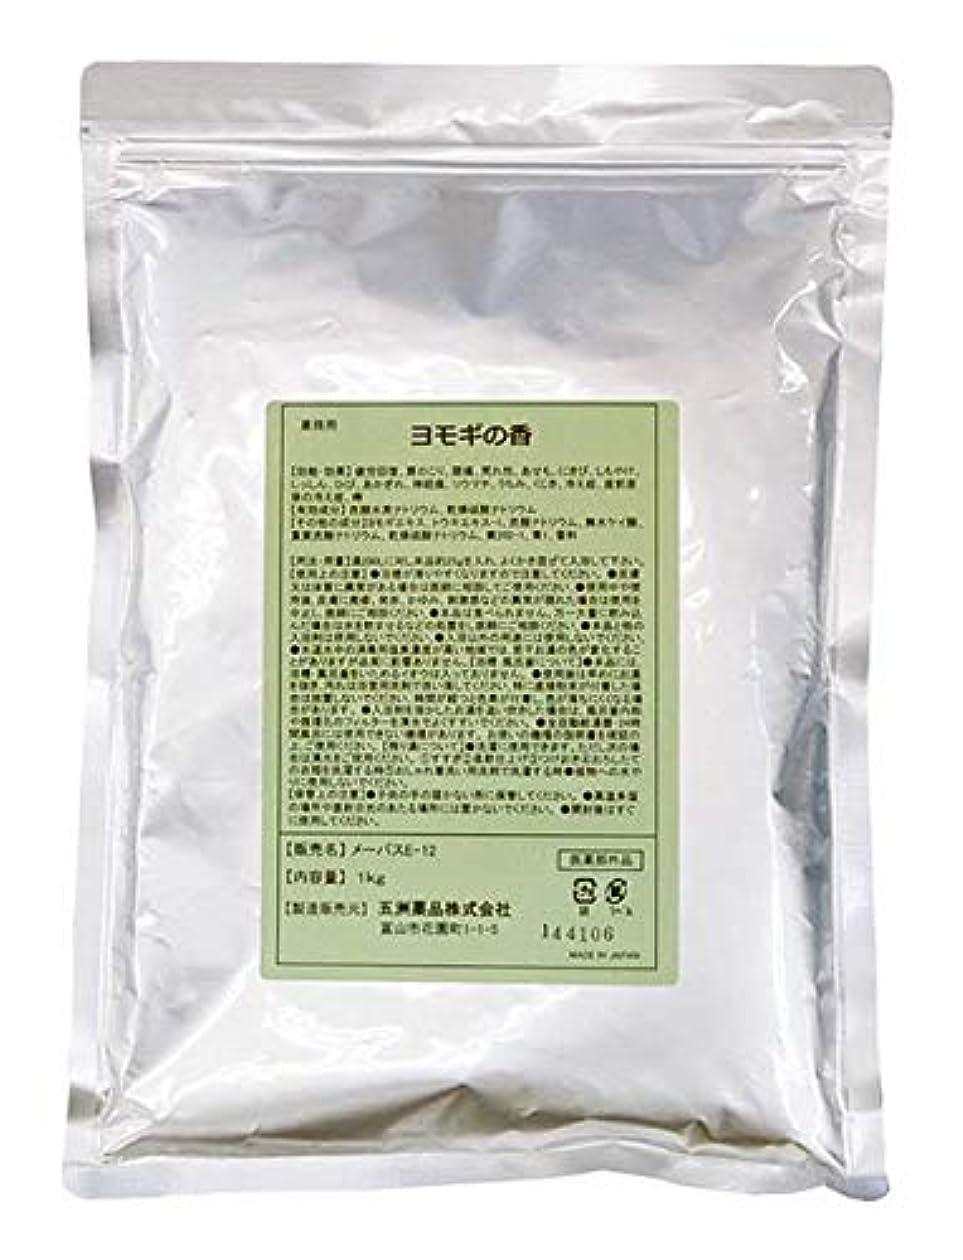 マージ縮れた純粋な薬用入浴剤 業務用 ヨモギの香 1kg [医薬部外品]